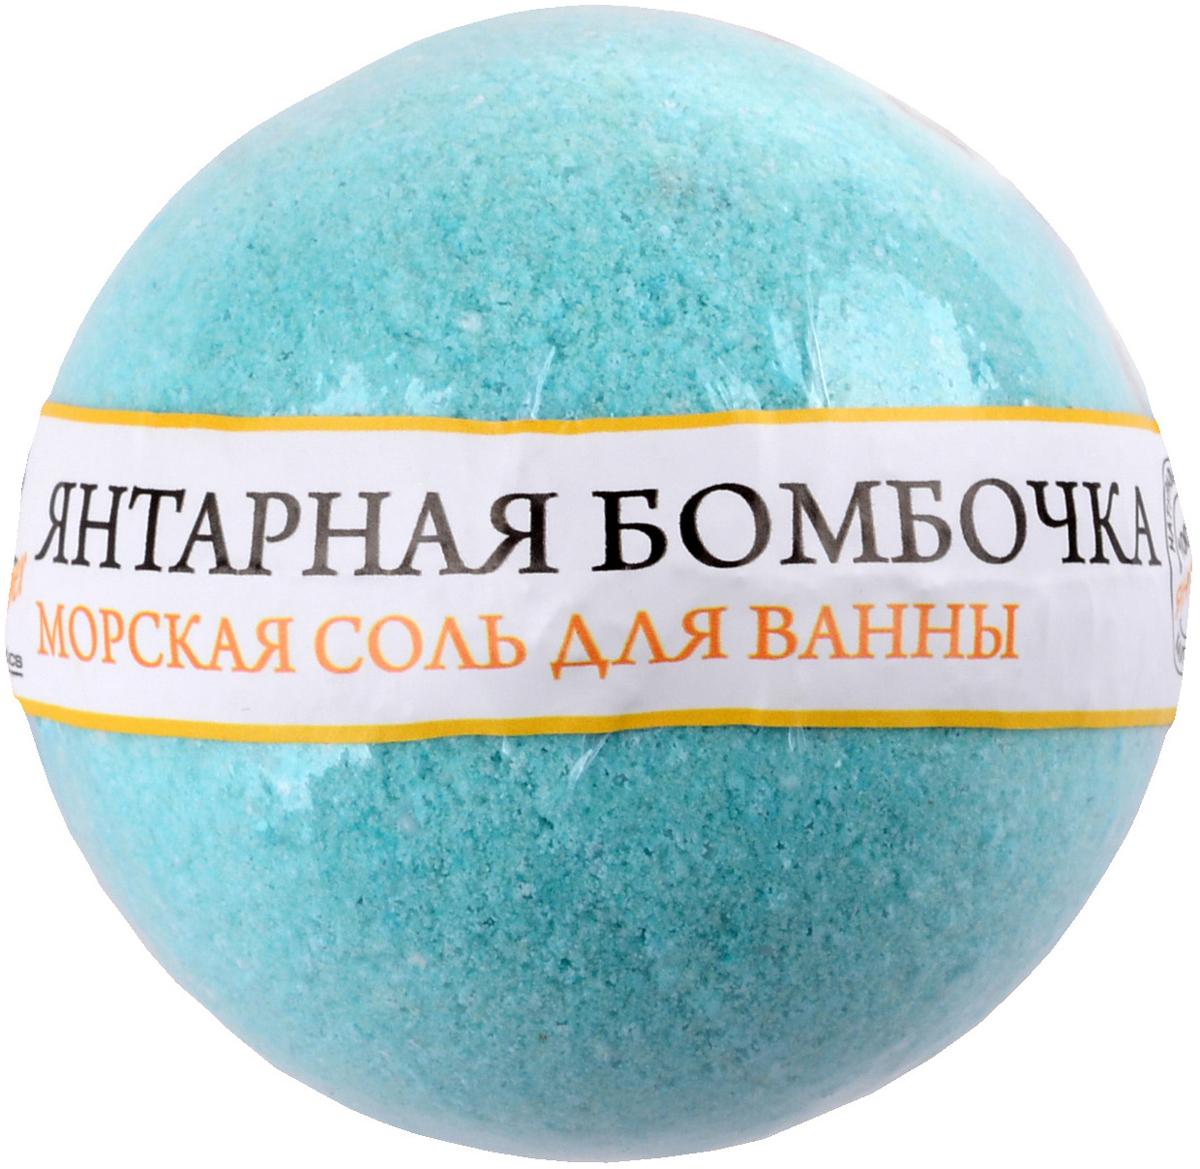 Ambercosmetics Бурлящий шар для ванн, цвет: синий, 120 г2000000149332Янтарная бомба наполнит вашу ванную восхитительными и вдохновляющими фруктовыми ароматами. Морская соль смягчит воду, наполнив ее целой россыпью полезных микроэлементов. Лечебное и омолаживающее действие янтарной кислоты будет усилено за счет ее глубокого проникновения через распаренные кожные железы. И все это под завораживающее бурление и извержение маленьких янтариков, стремящихся к поверхности воды. Полный состав: Бикарбонат натрия, лимонная кислота, сухое молоко, натрий алкиларил сульфонат, соль морская, балтийский янтарь, сорбитол, соевое масло, парфюмерная композиция, пищевой краситель.